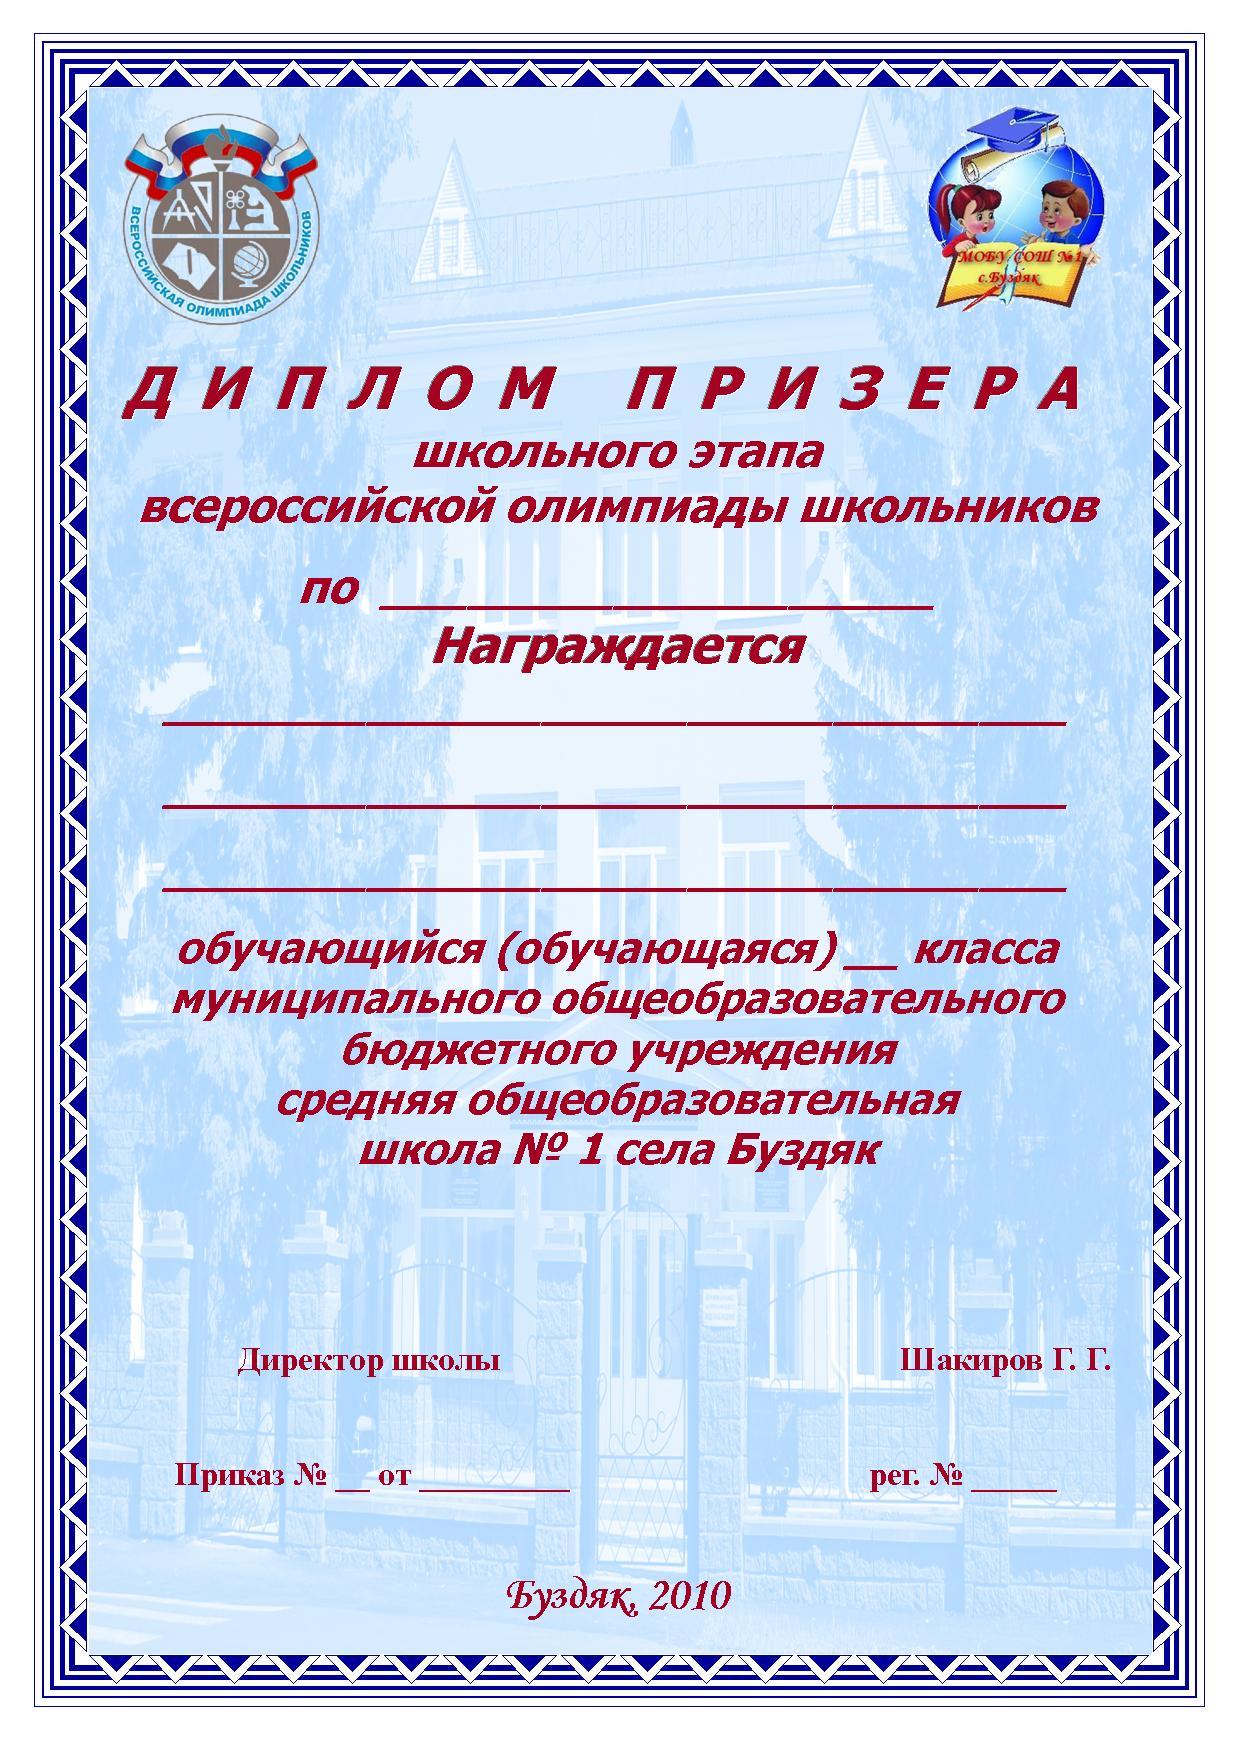 Моя школа Шаблоны грамот Диплом победителя школьного этапа Диплом призёра школьного этапа